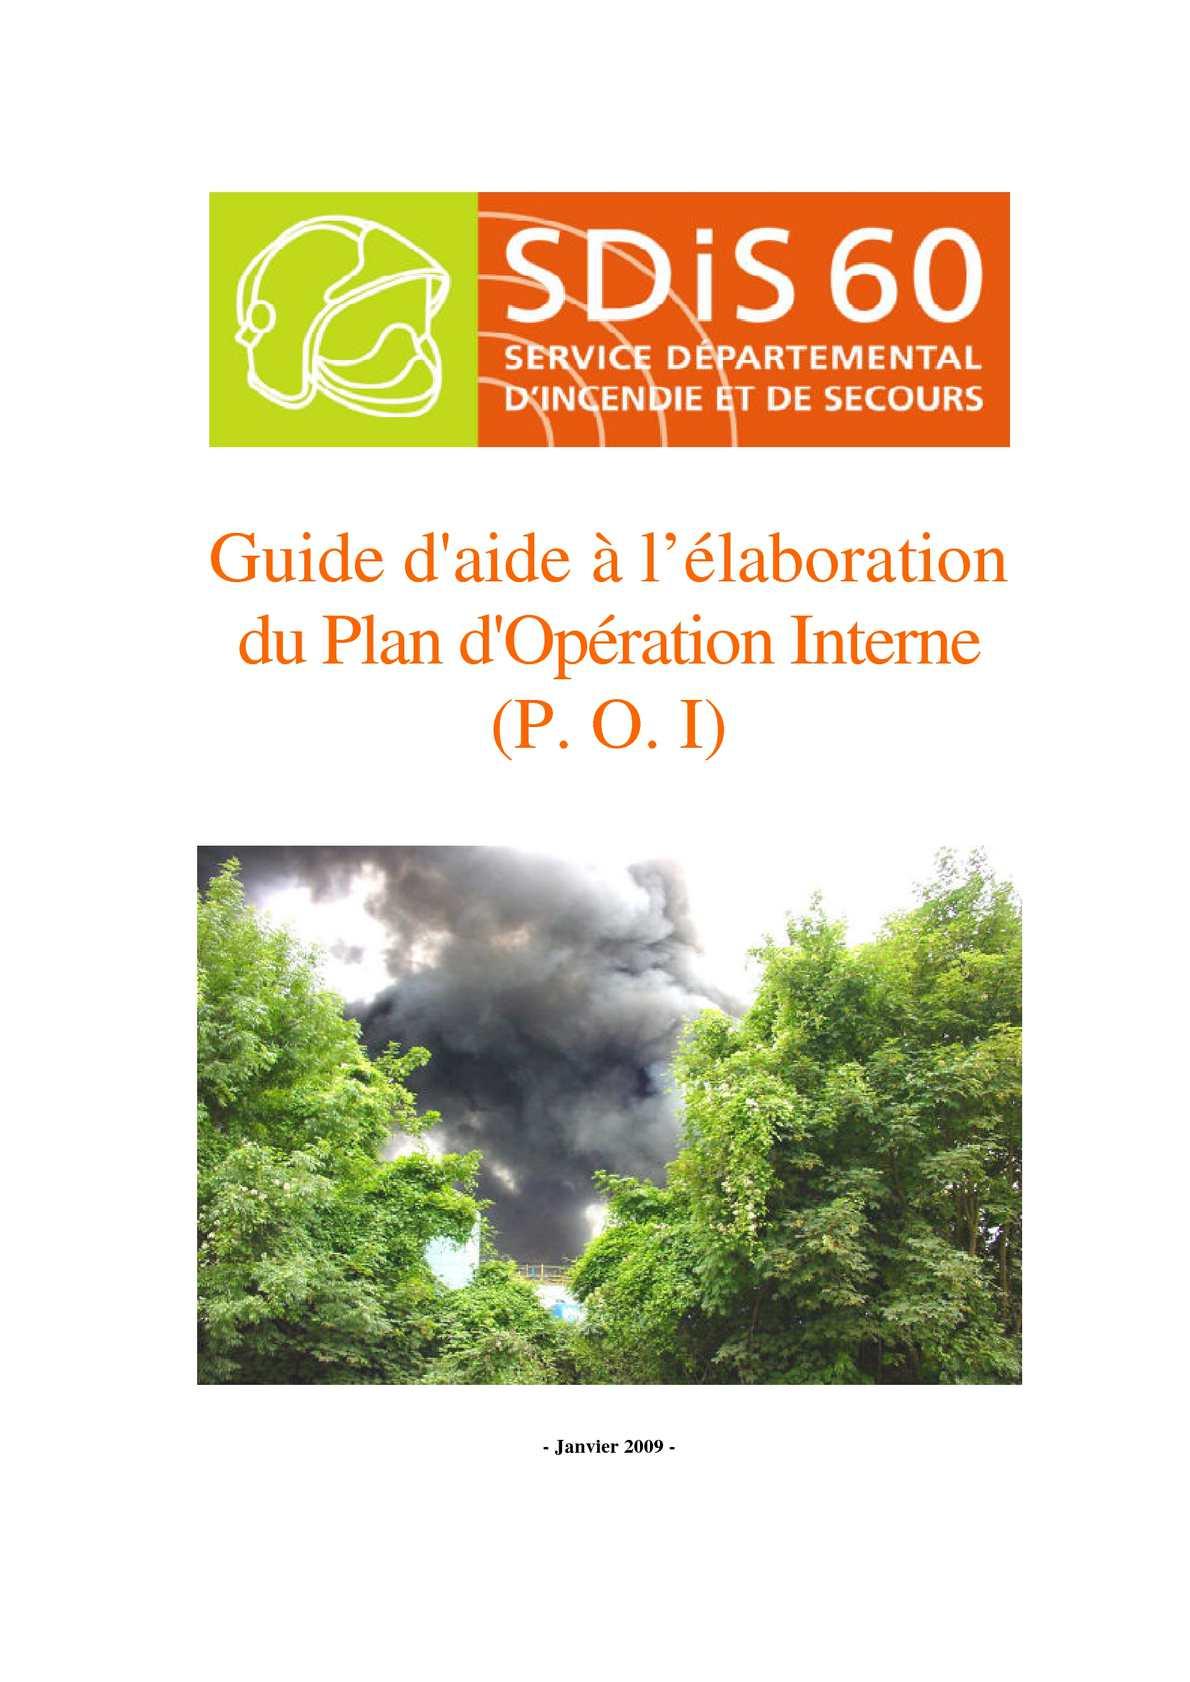 Guide d'aide à l'élaboration d'un plan d'opération interne (POI)